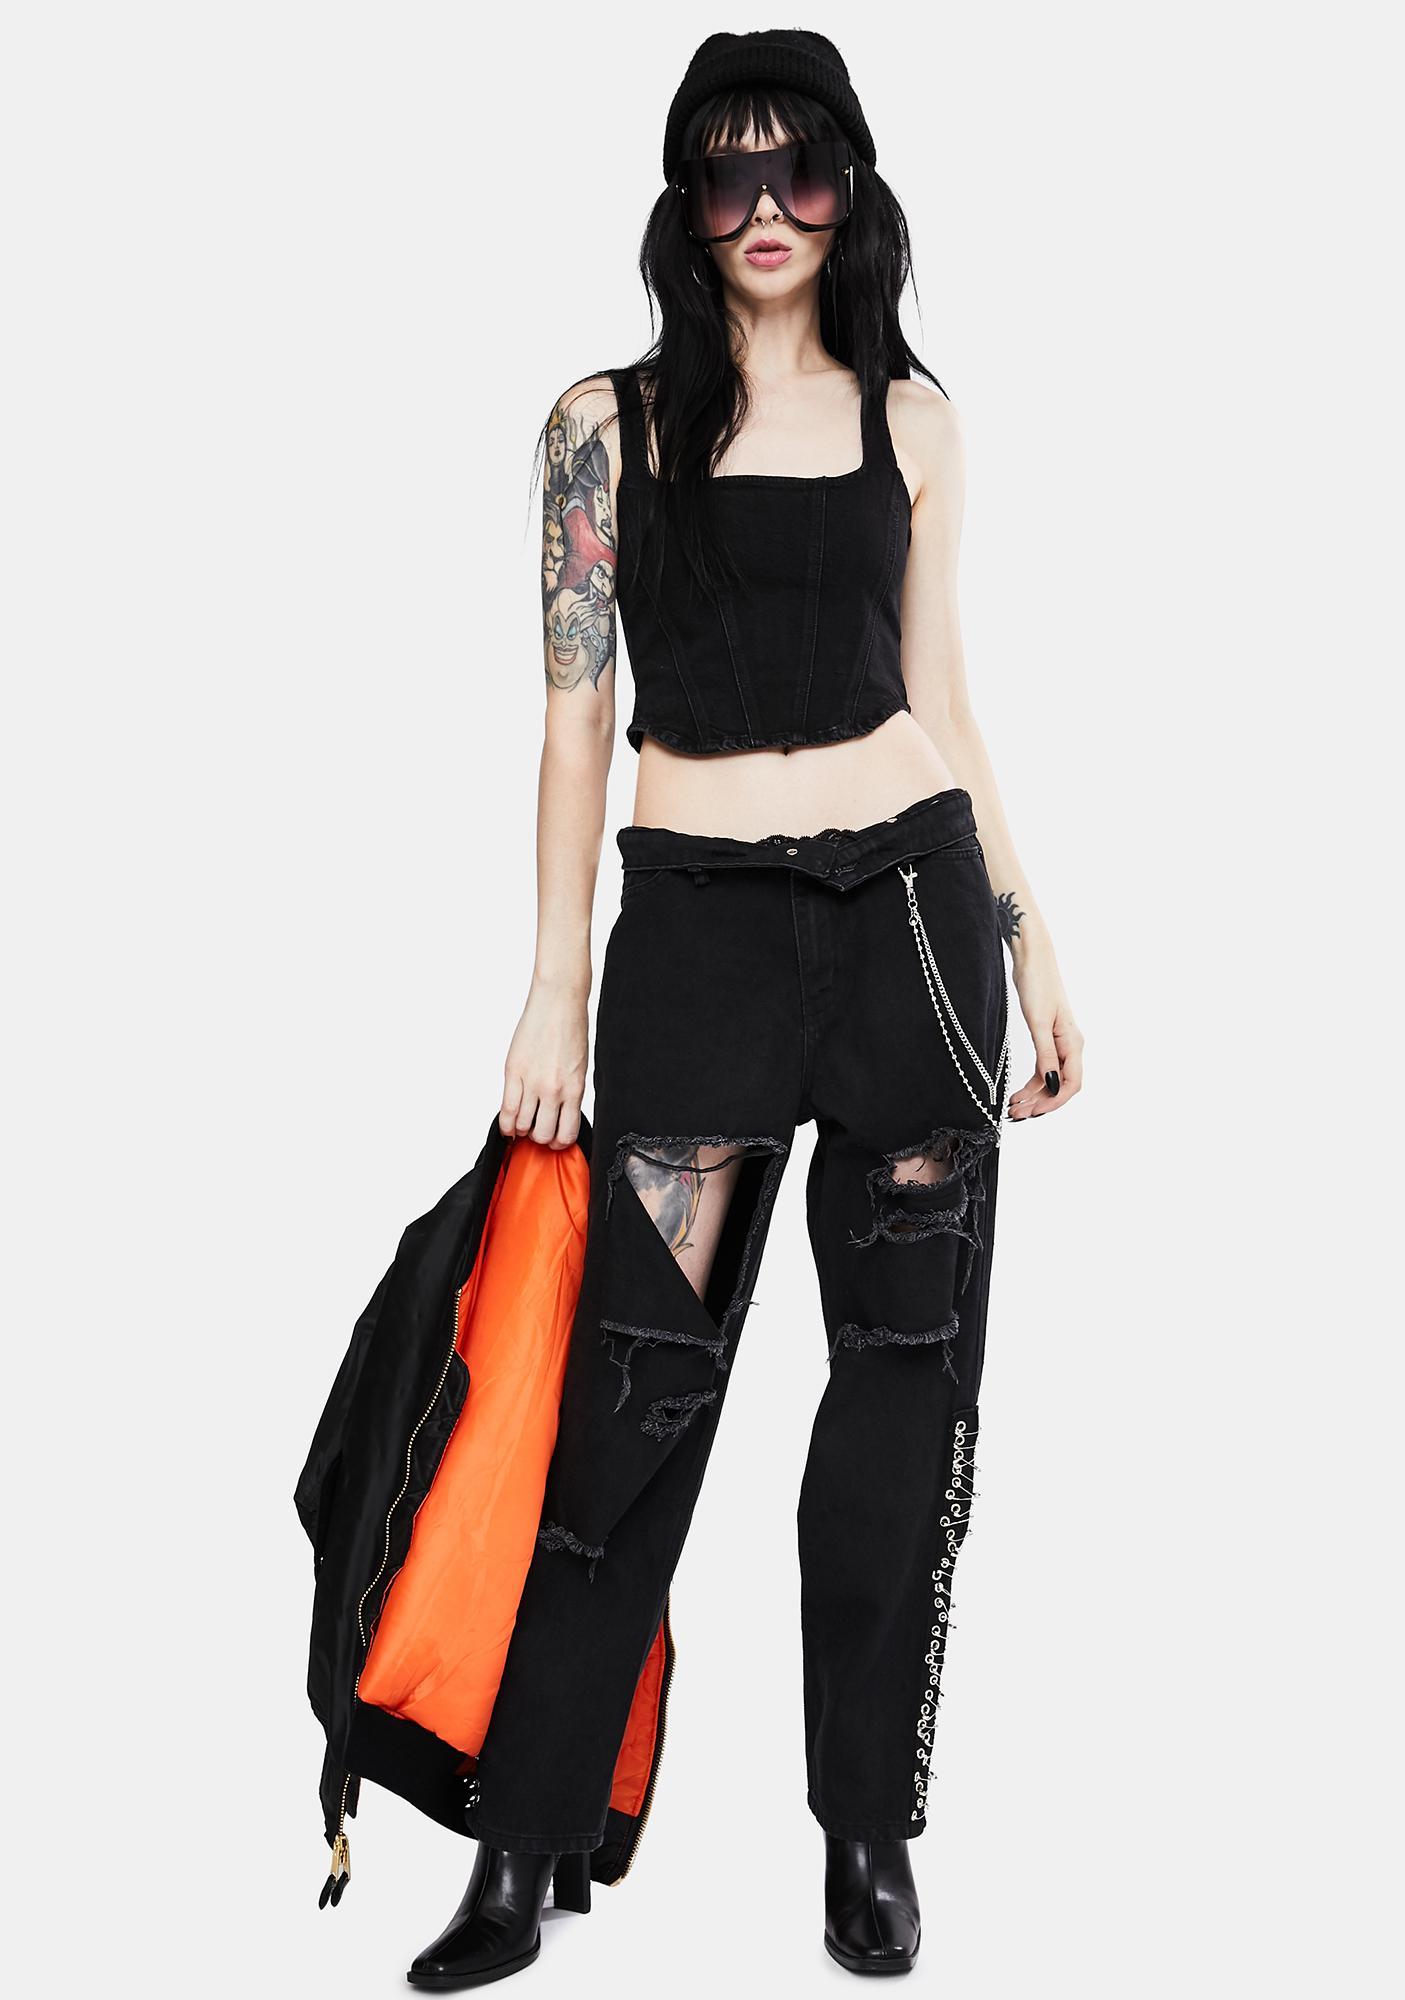 Kiki Riki Grunge It Up Distressed Jeans